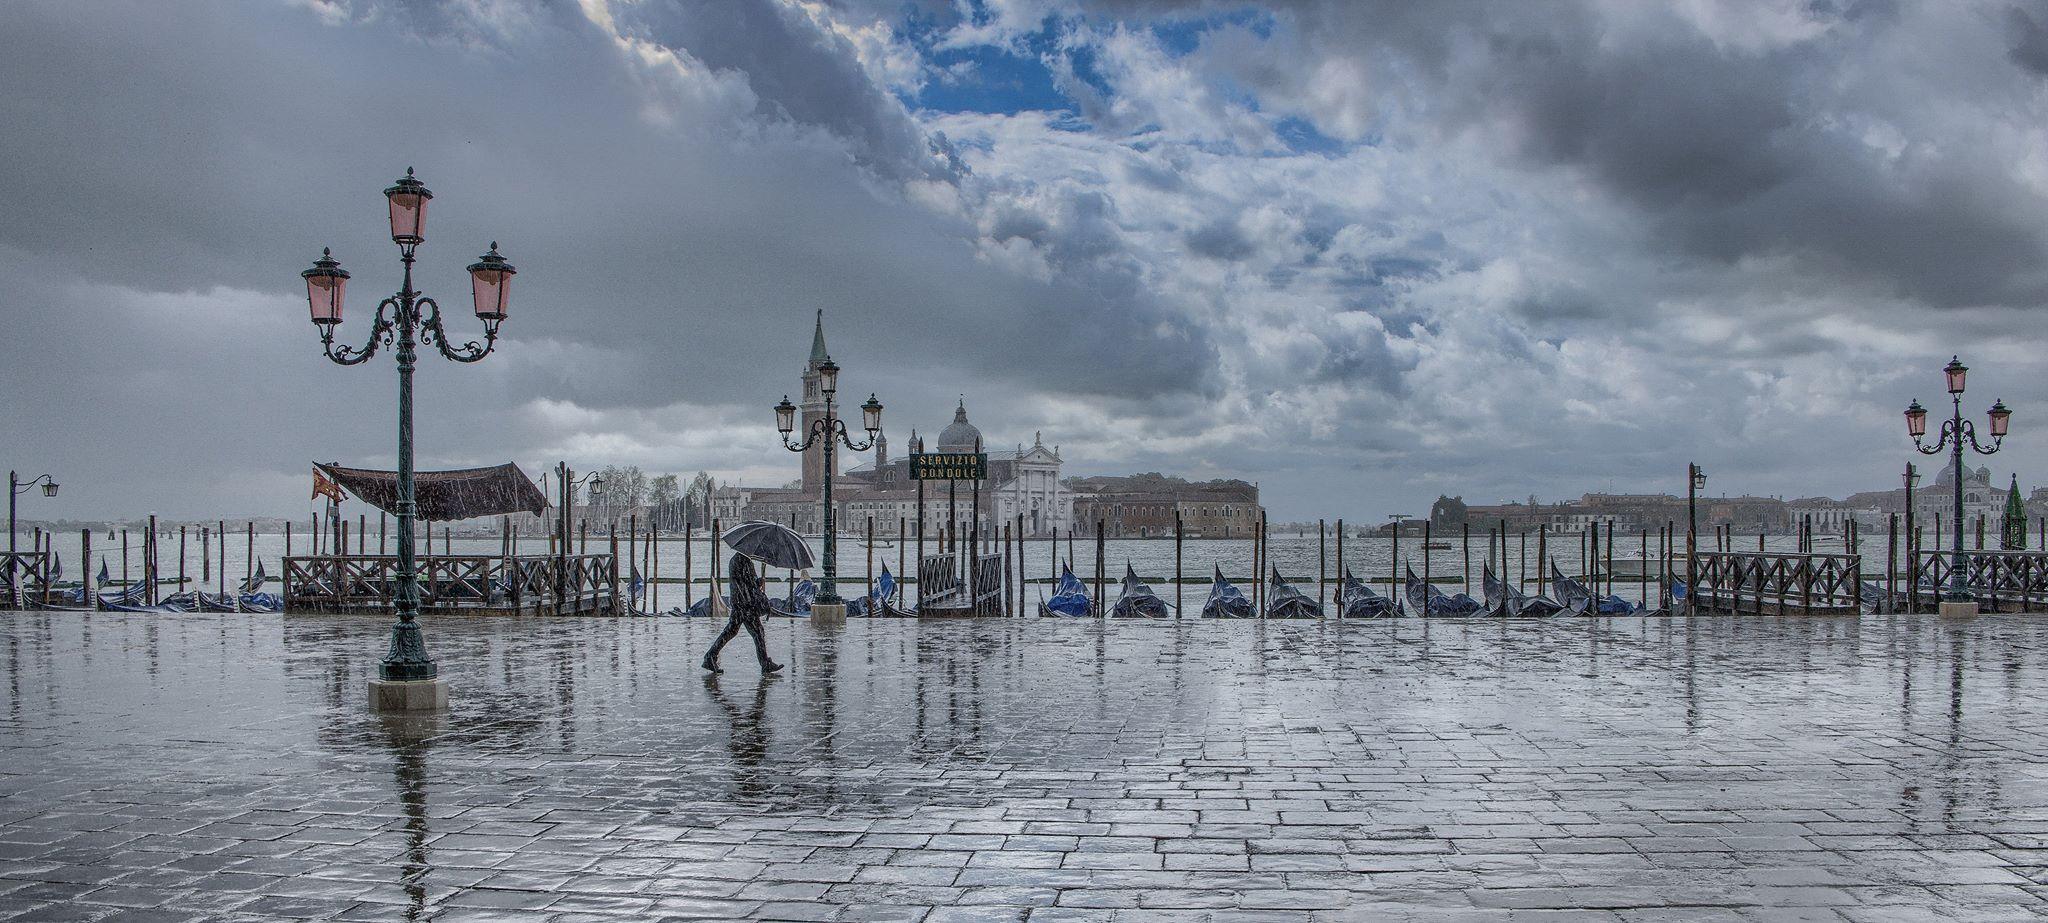 capriccio veneziano...